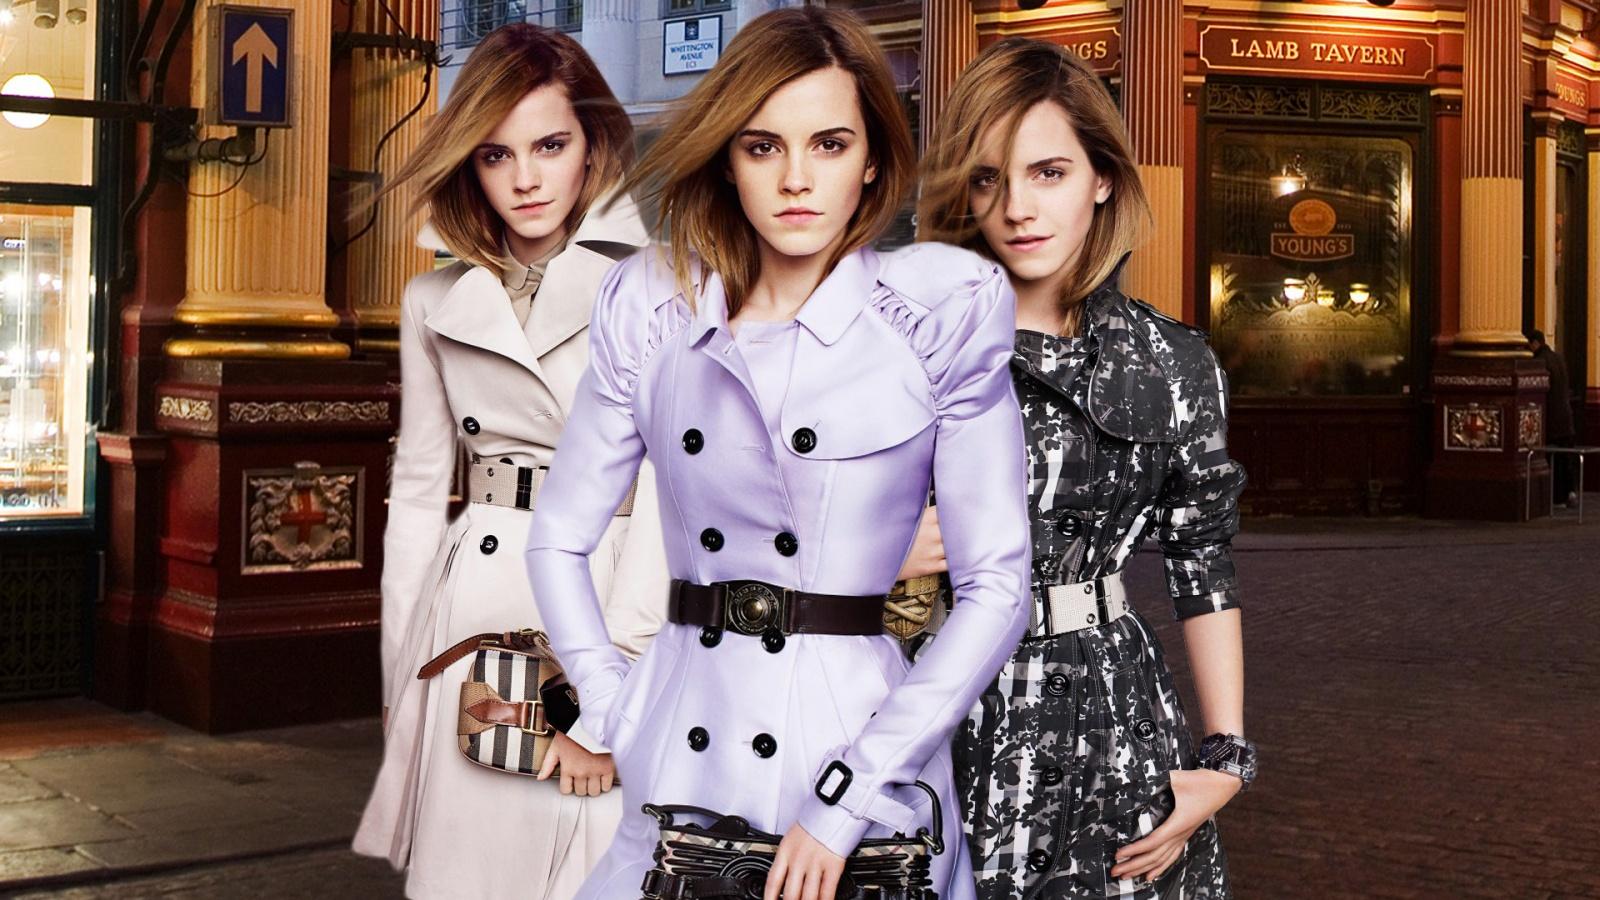 Emma Watson Hot Photoshoot 1080p